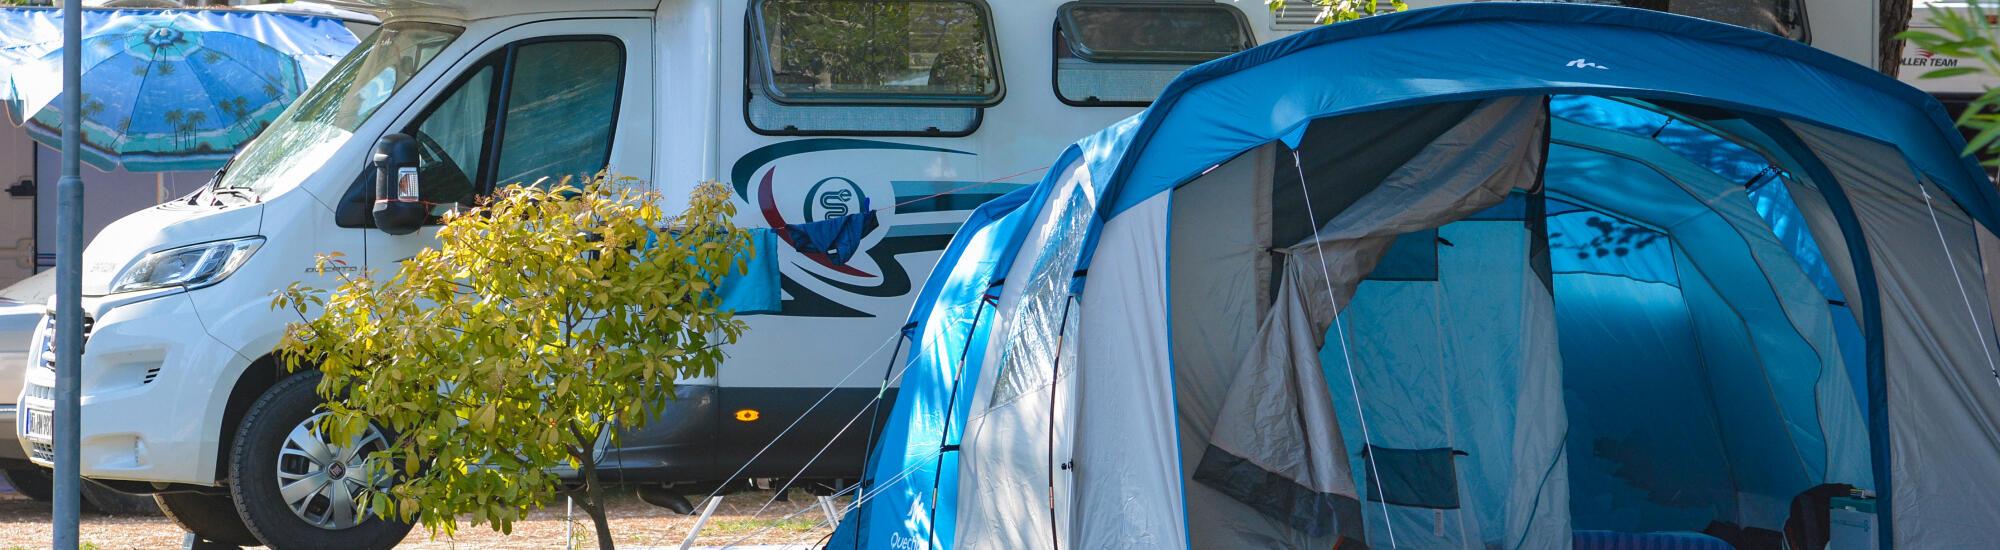 Uge i juli på standplads: Familiepakke på Camping i Bibione